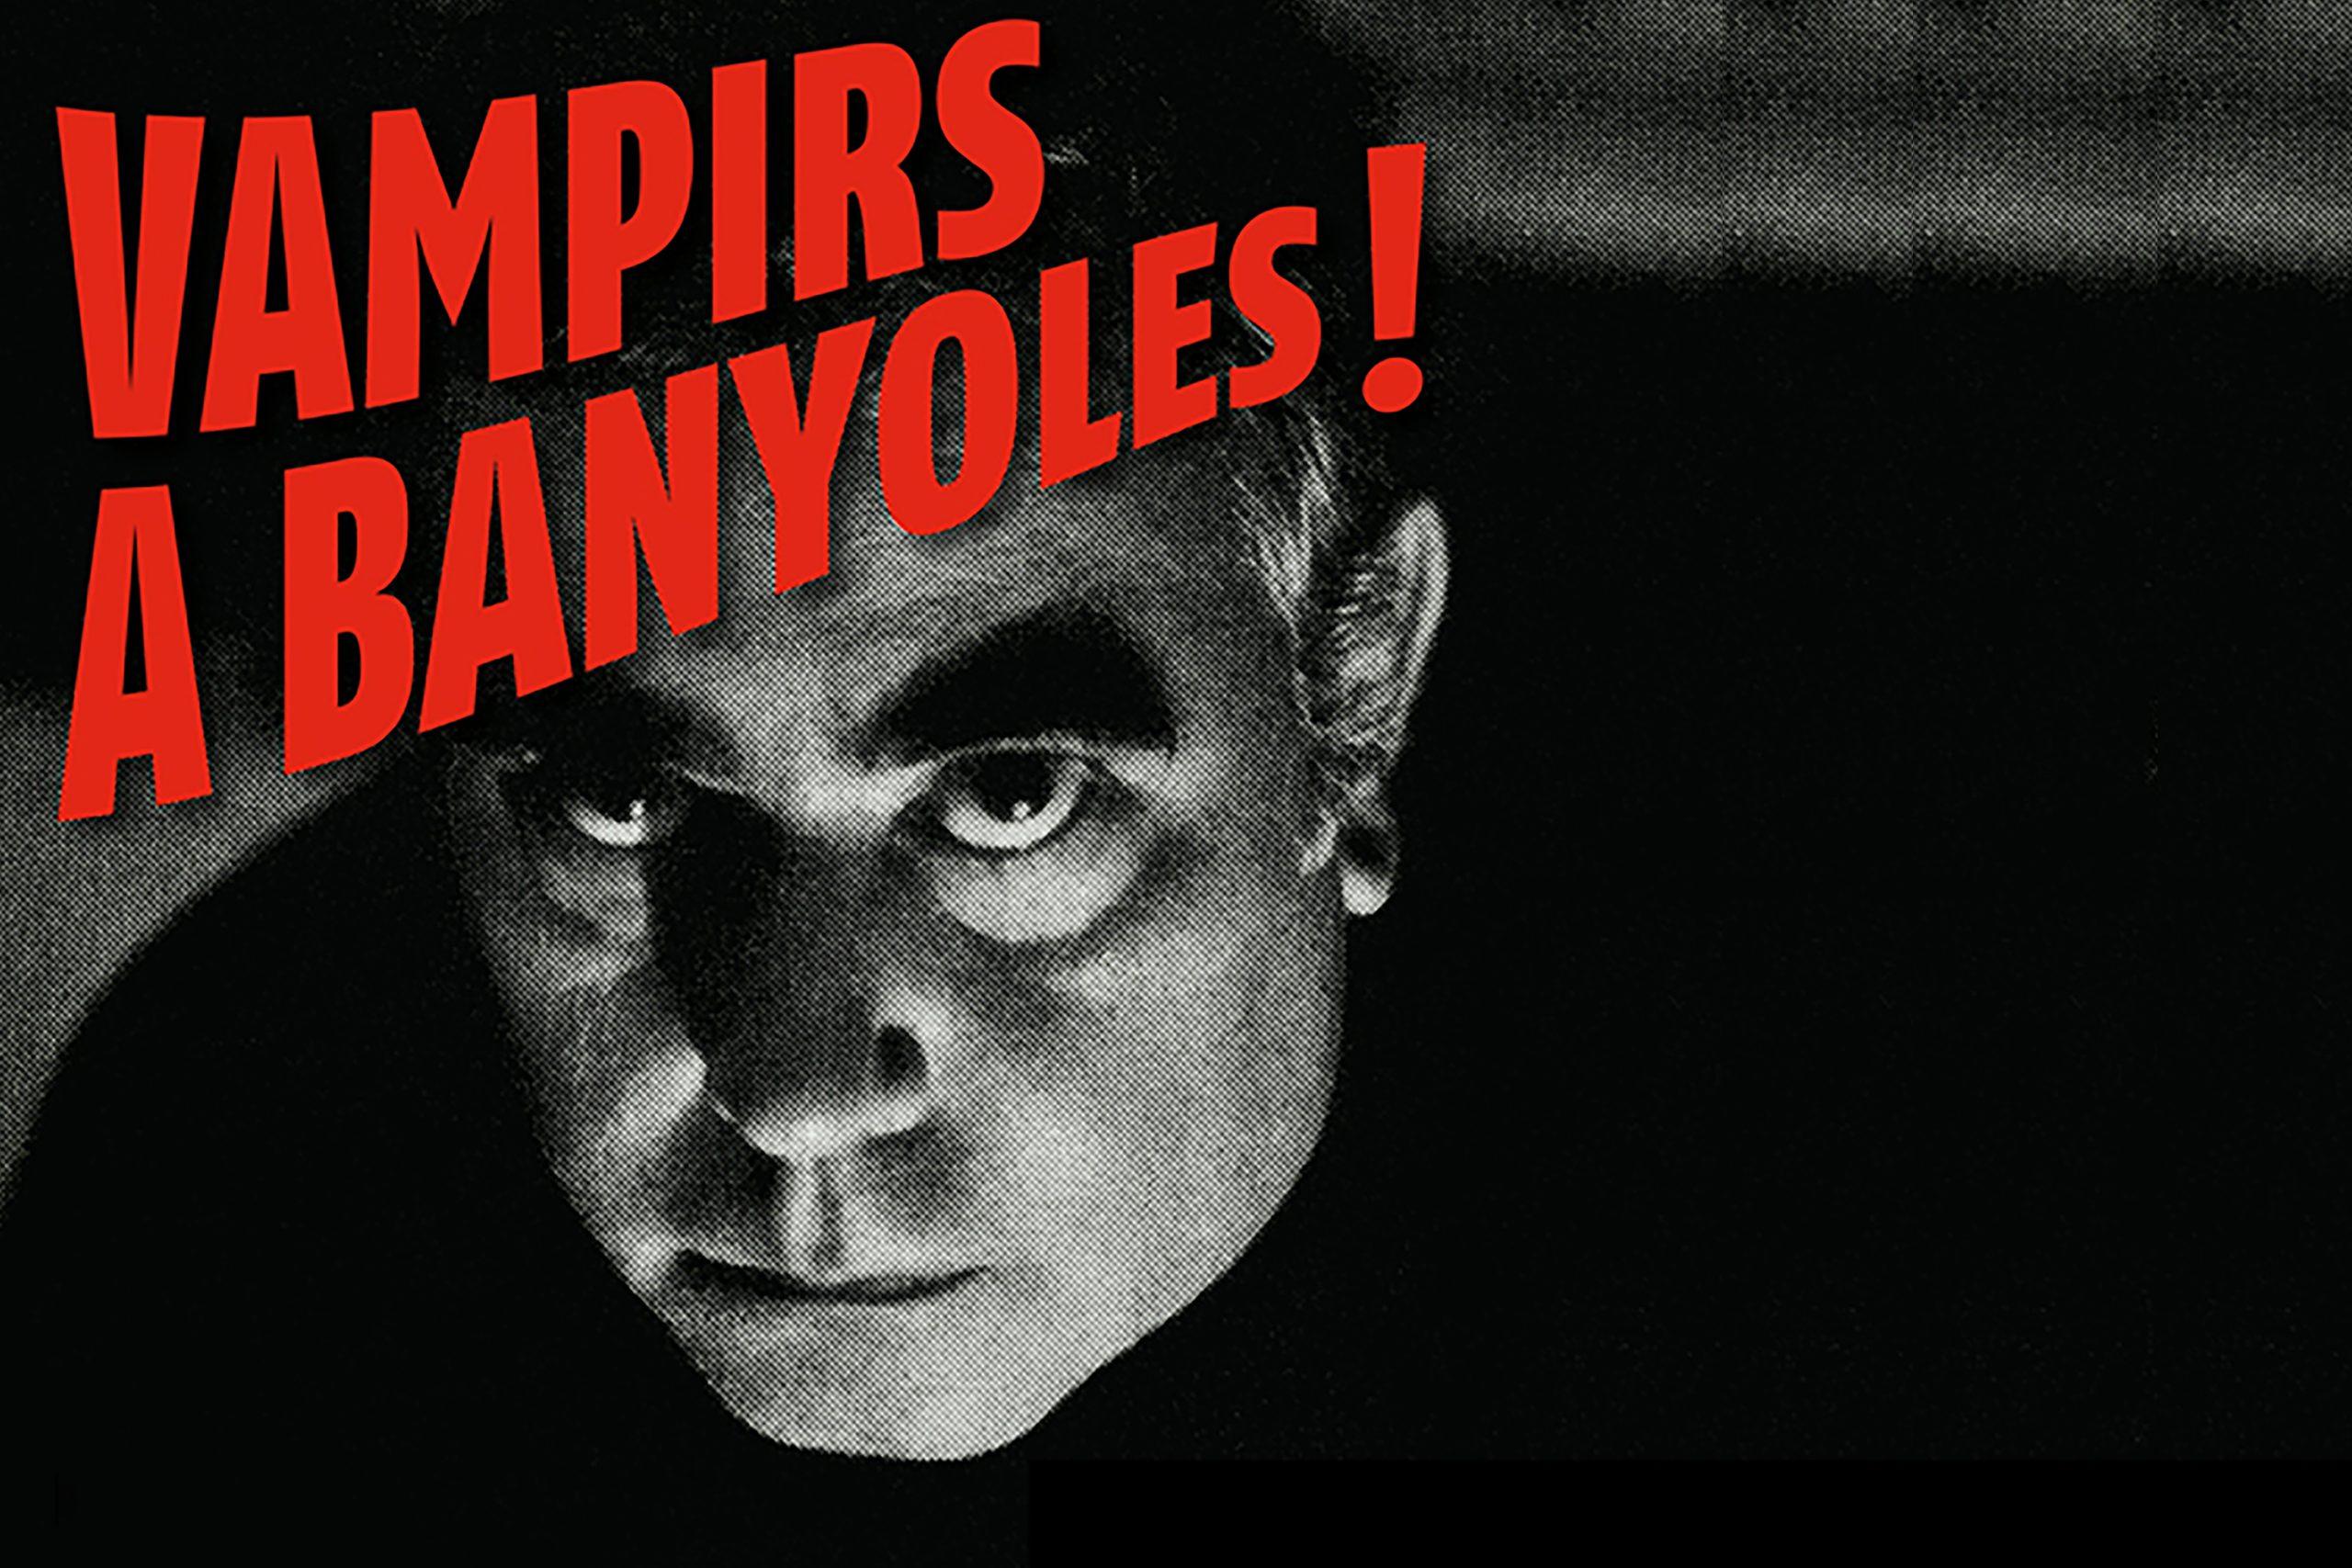 Vampirs a Banyoles!